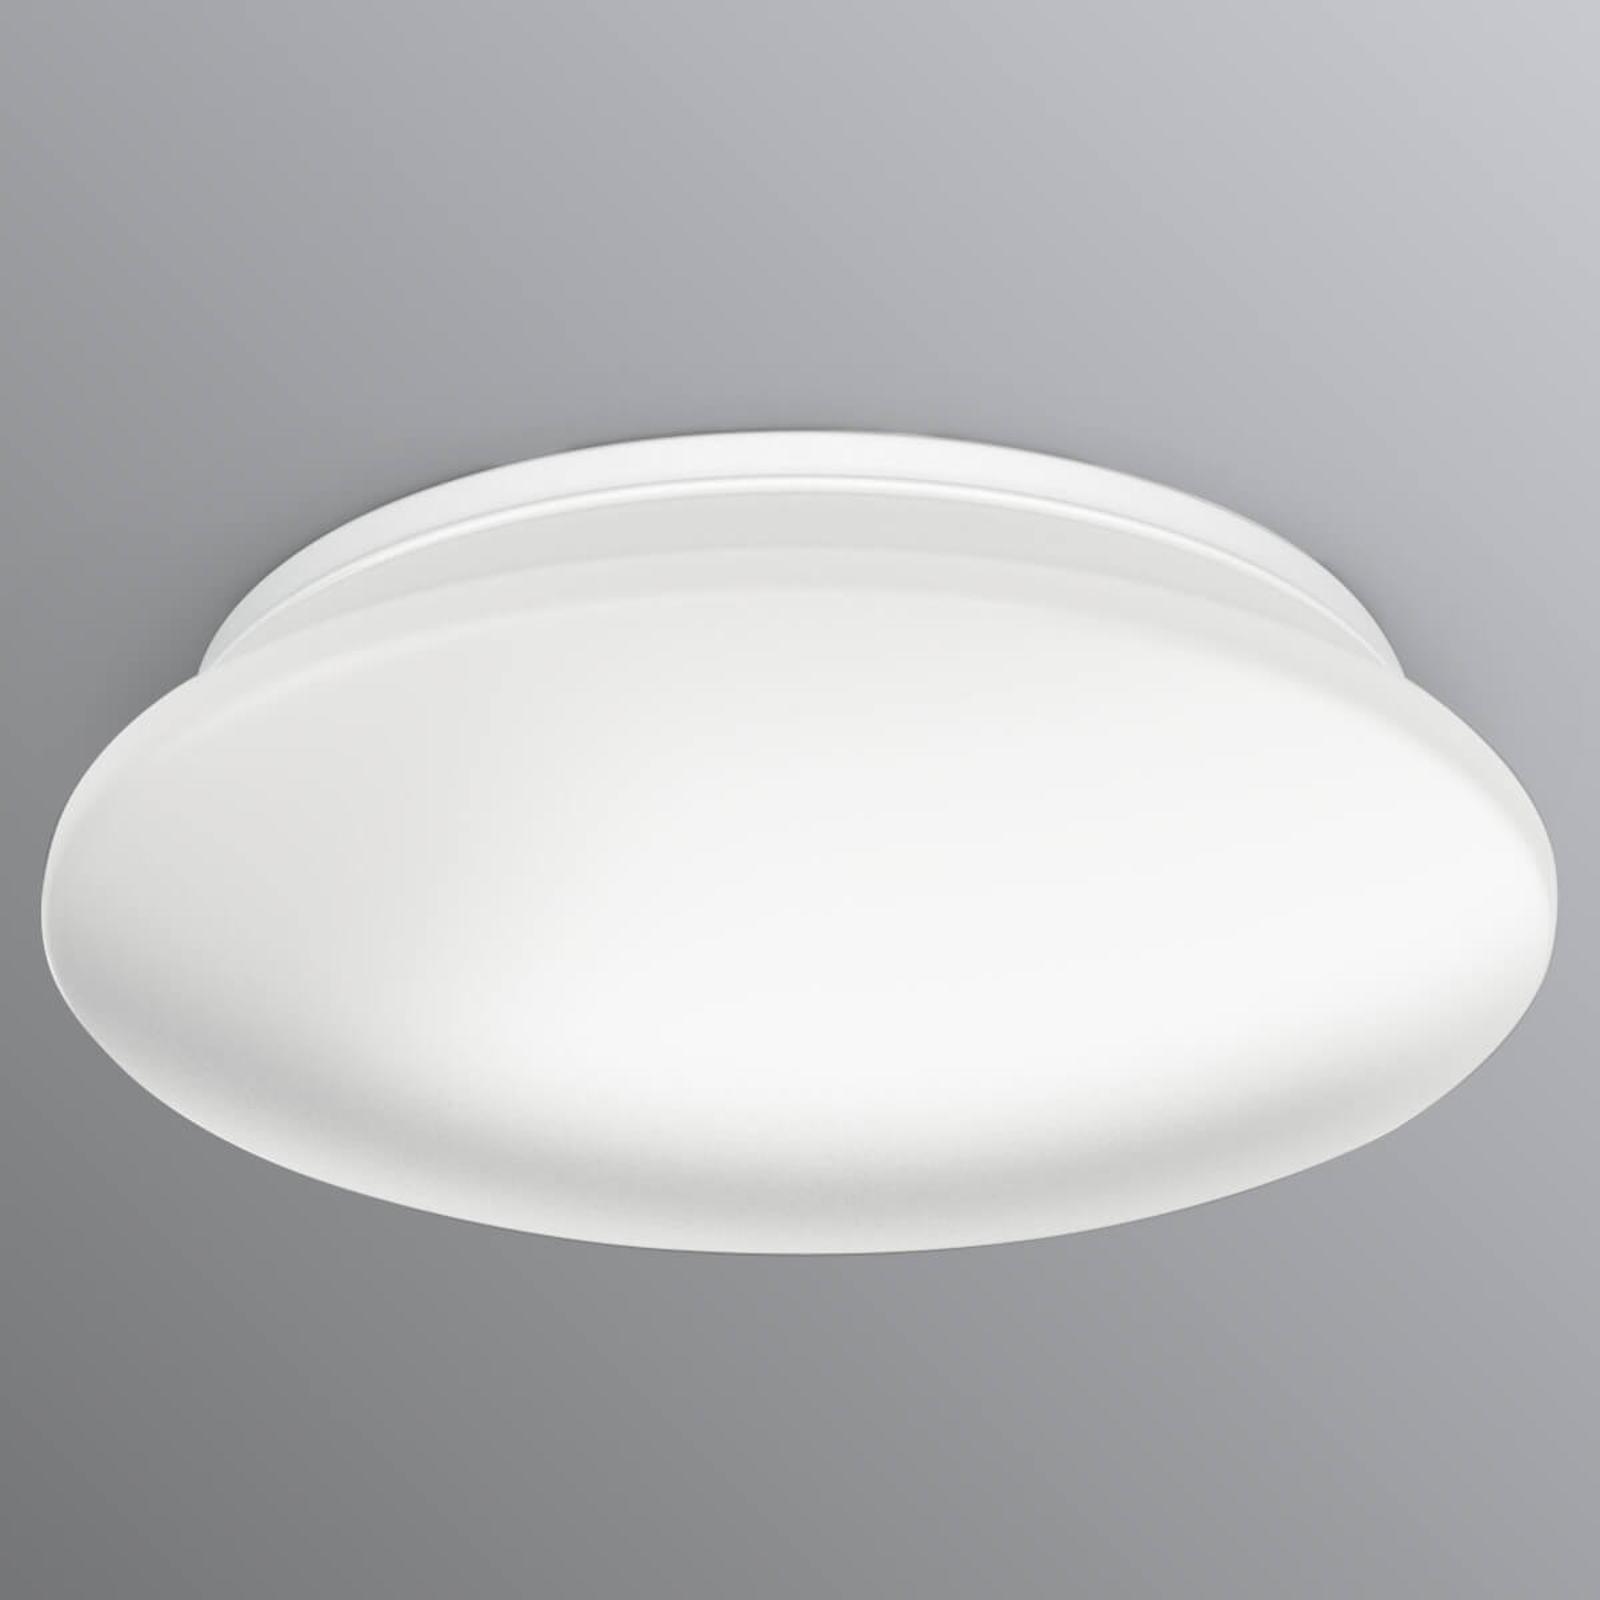 Philips Mauve LED-Deckenleuchte 1000lm